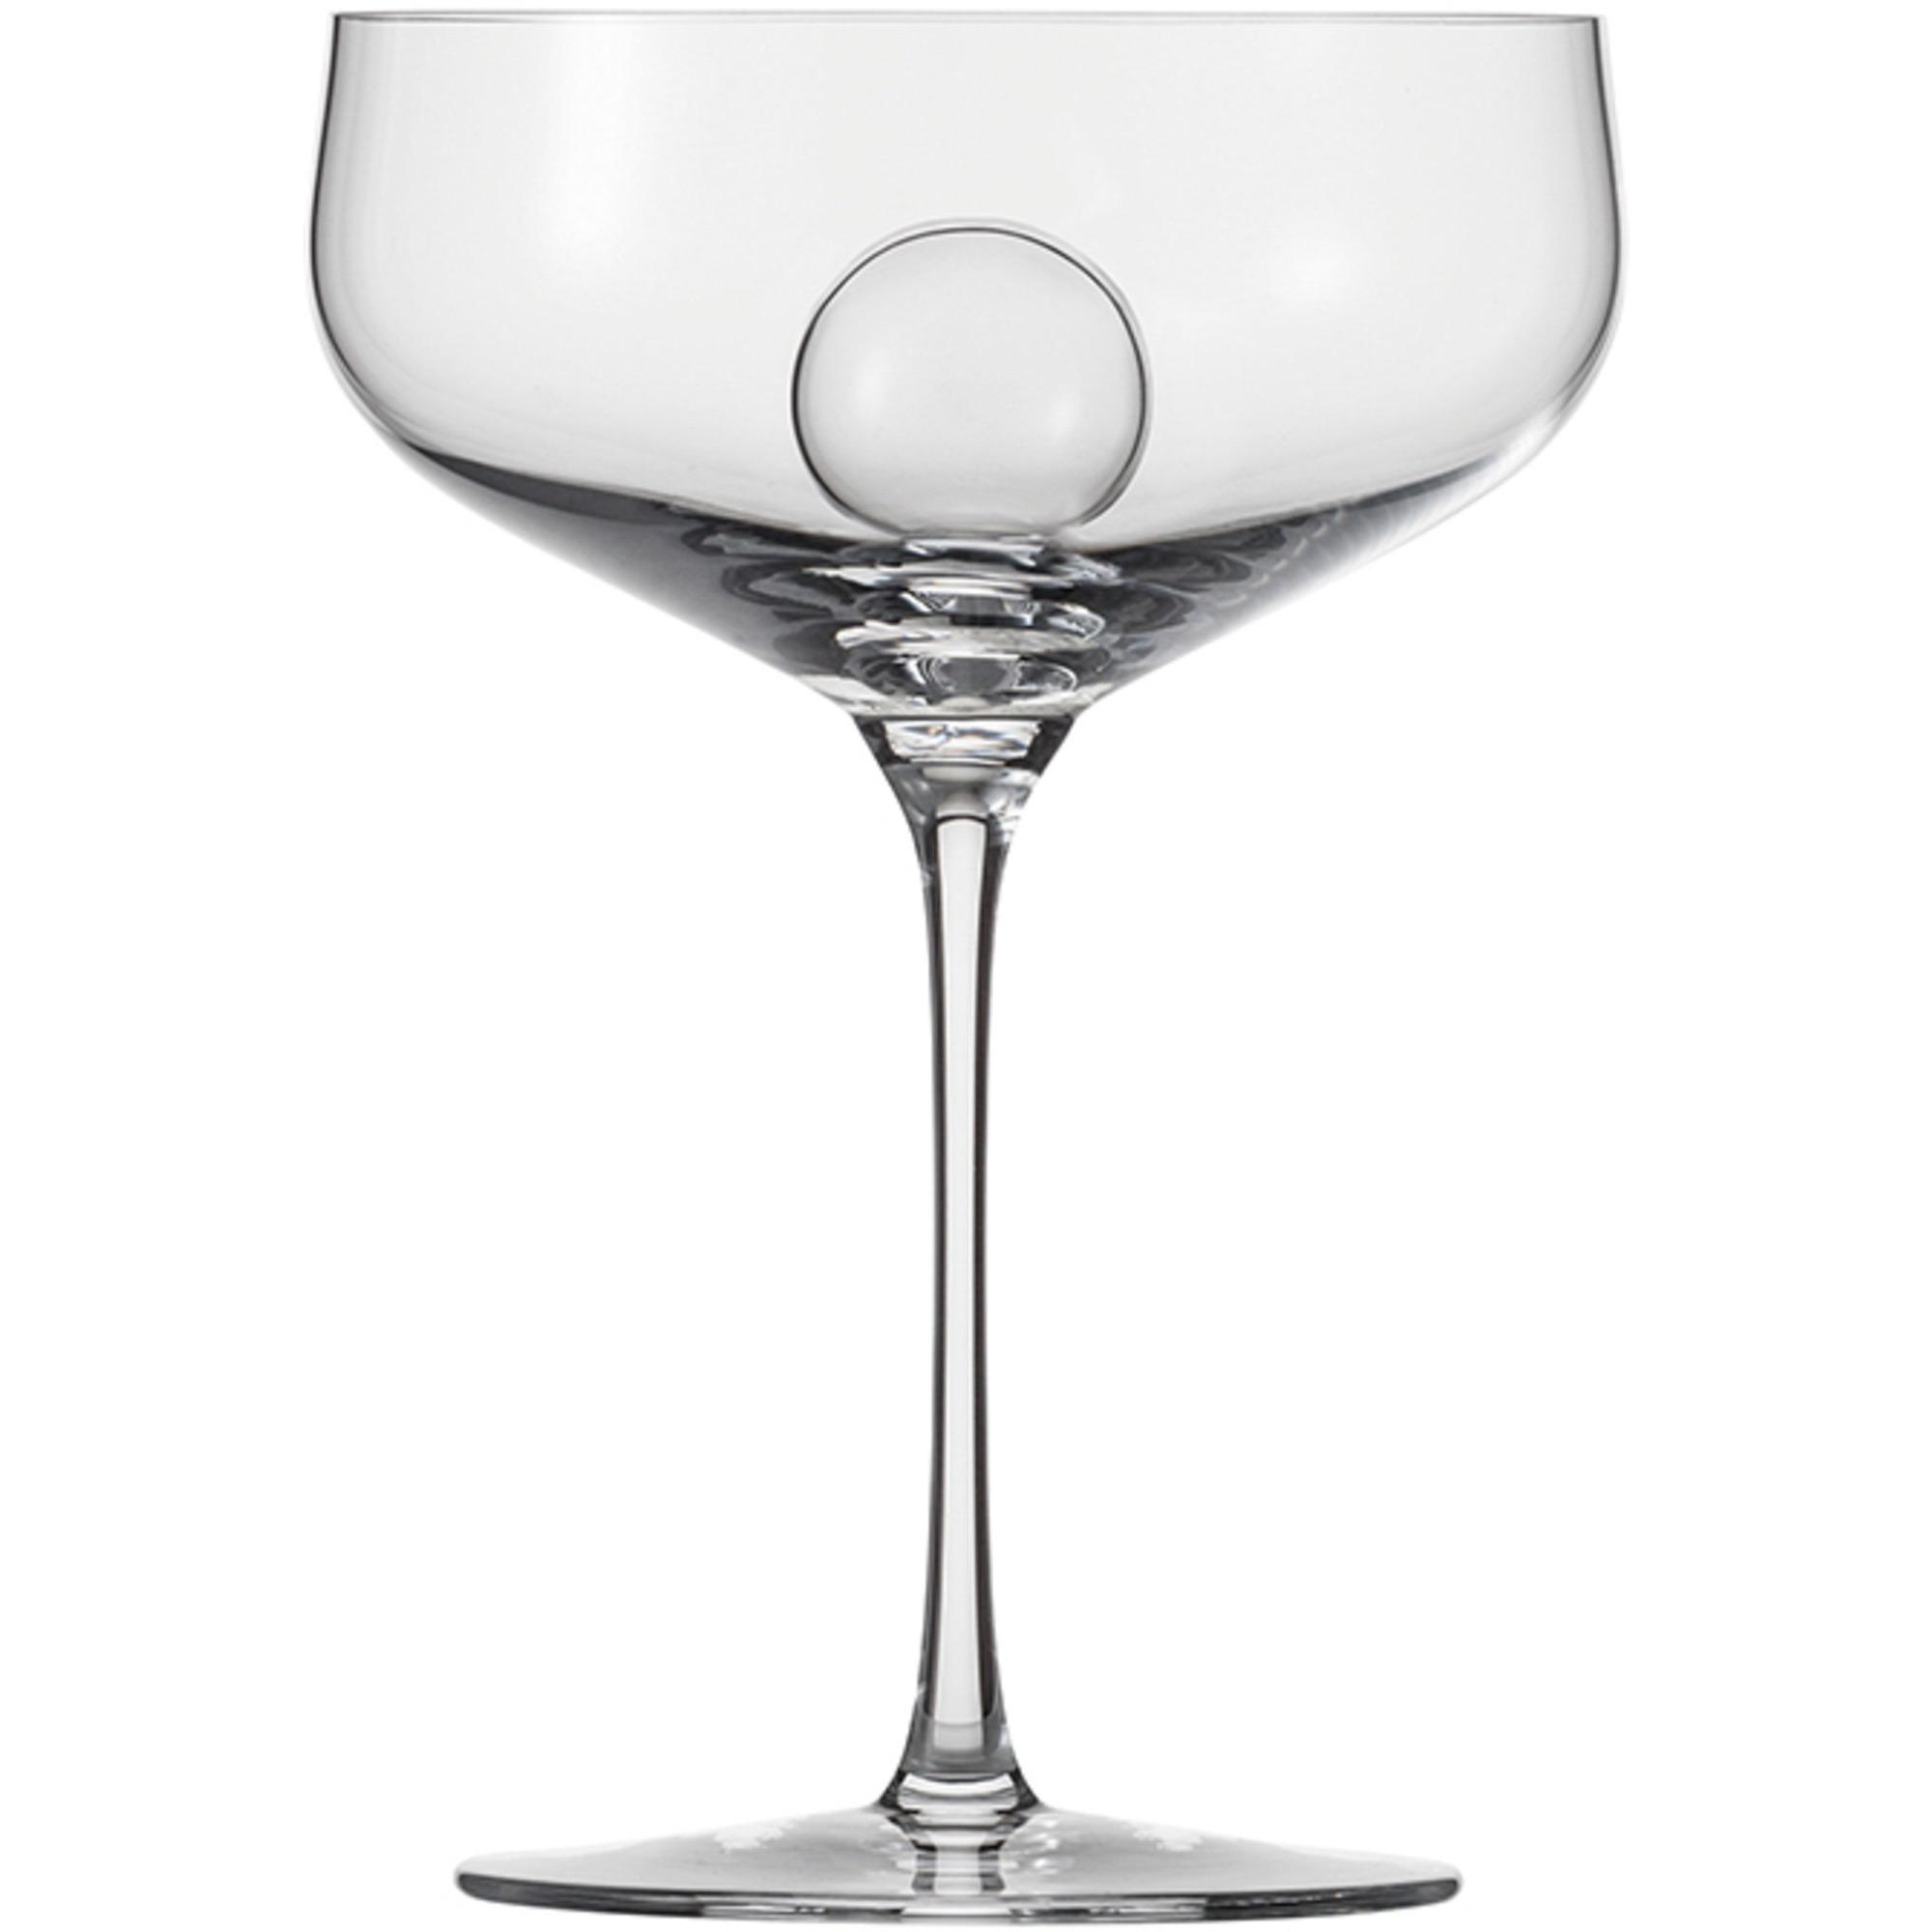 Zwiesel Air Zwiesel Air Sense Champagneglas 31 cl 2-pack